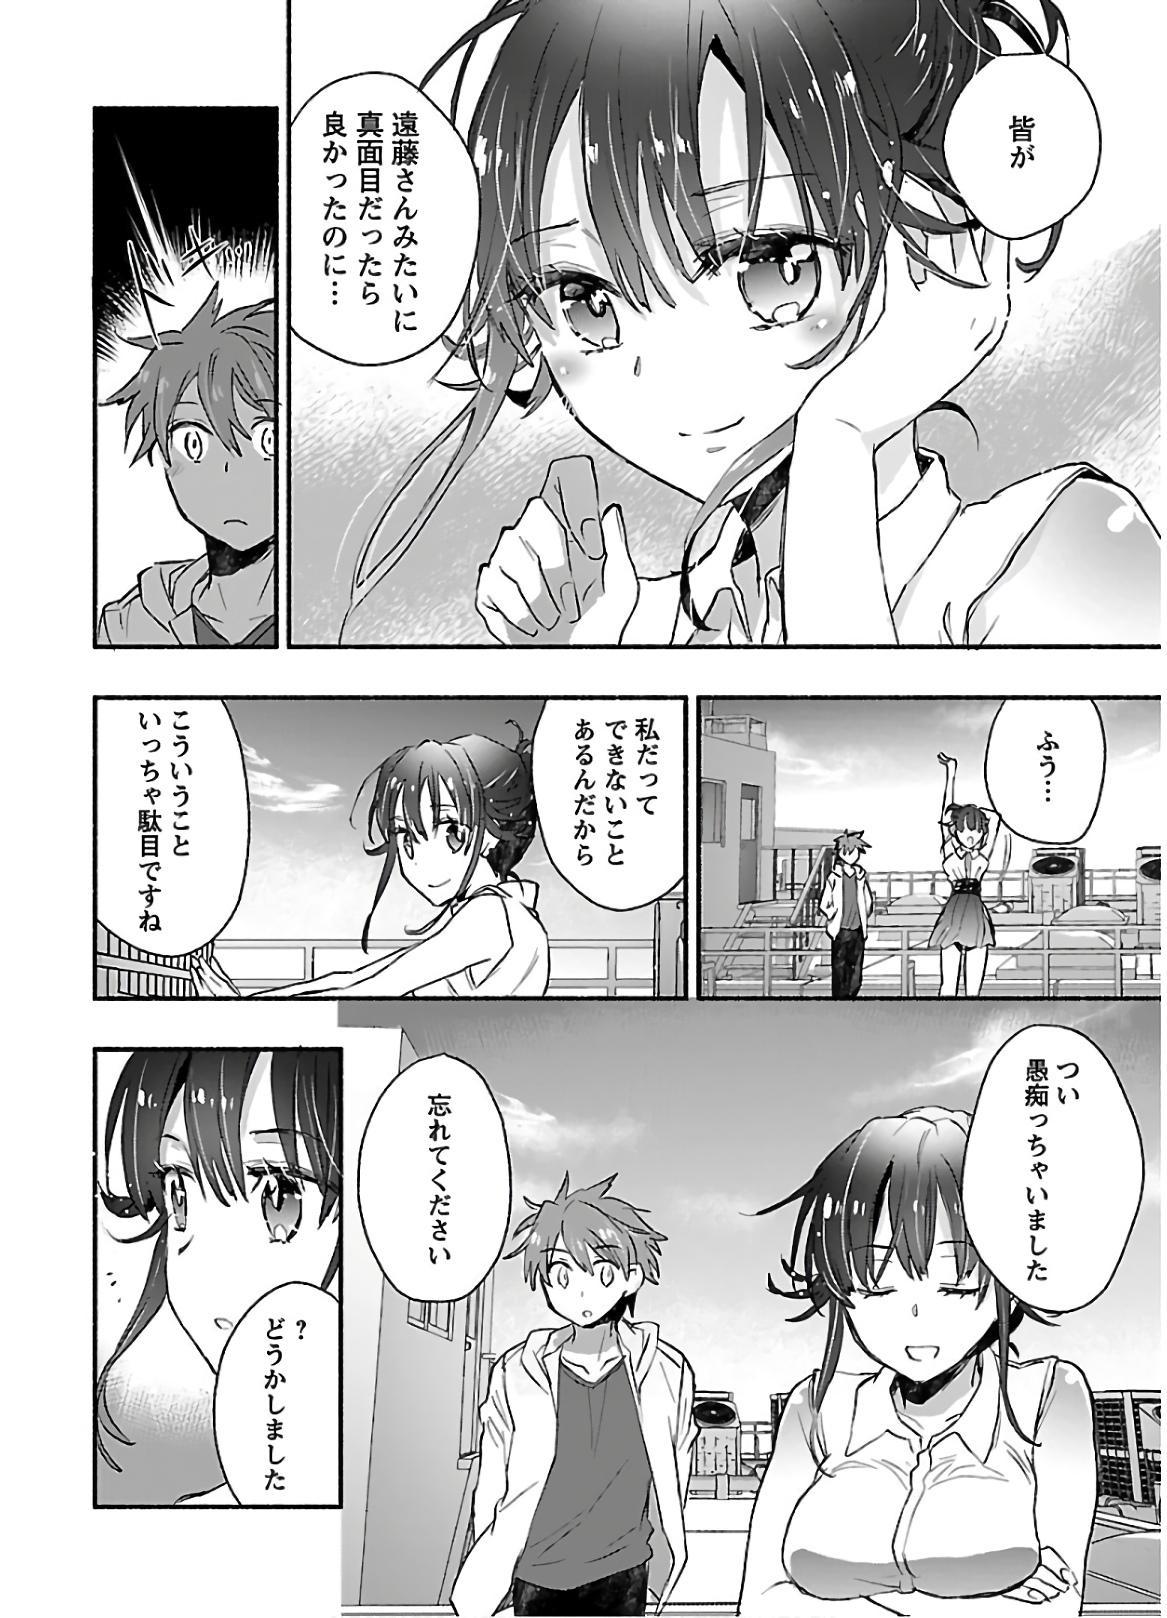 Yankii musume ni natsukarete kotoshi mo juken ni shippai shisou desu  vol.1 139